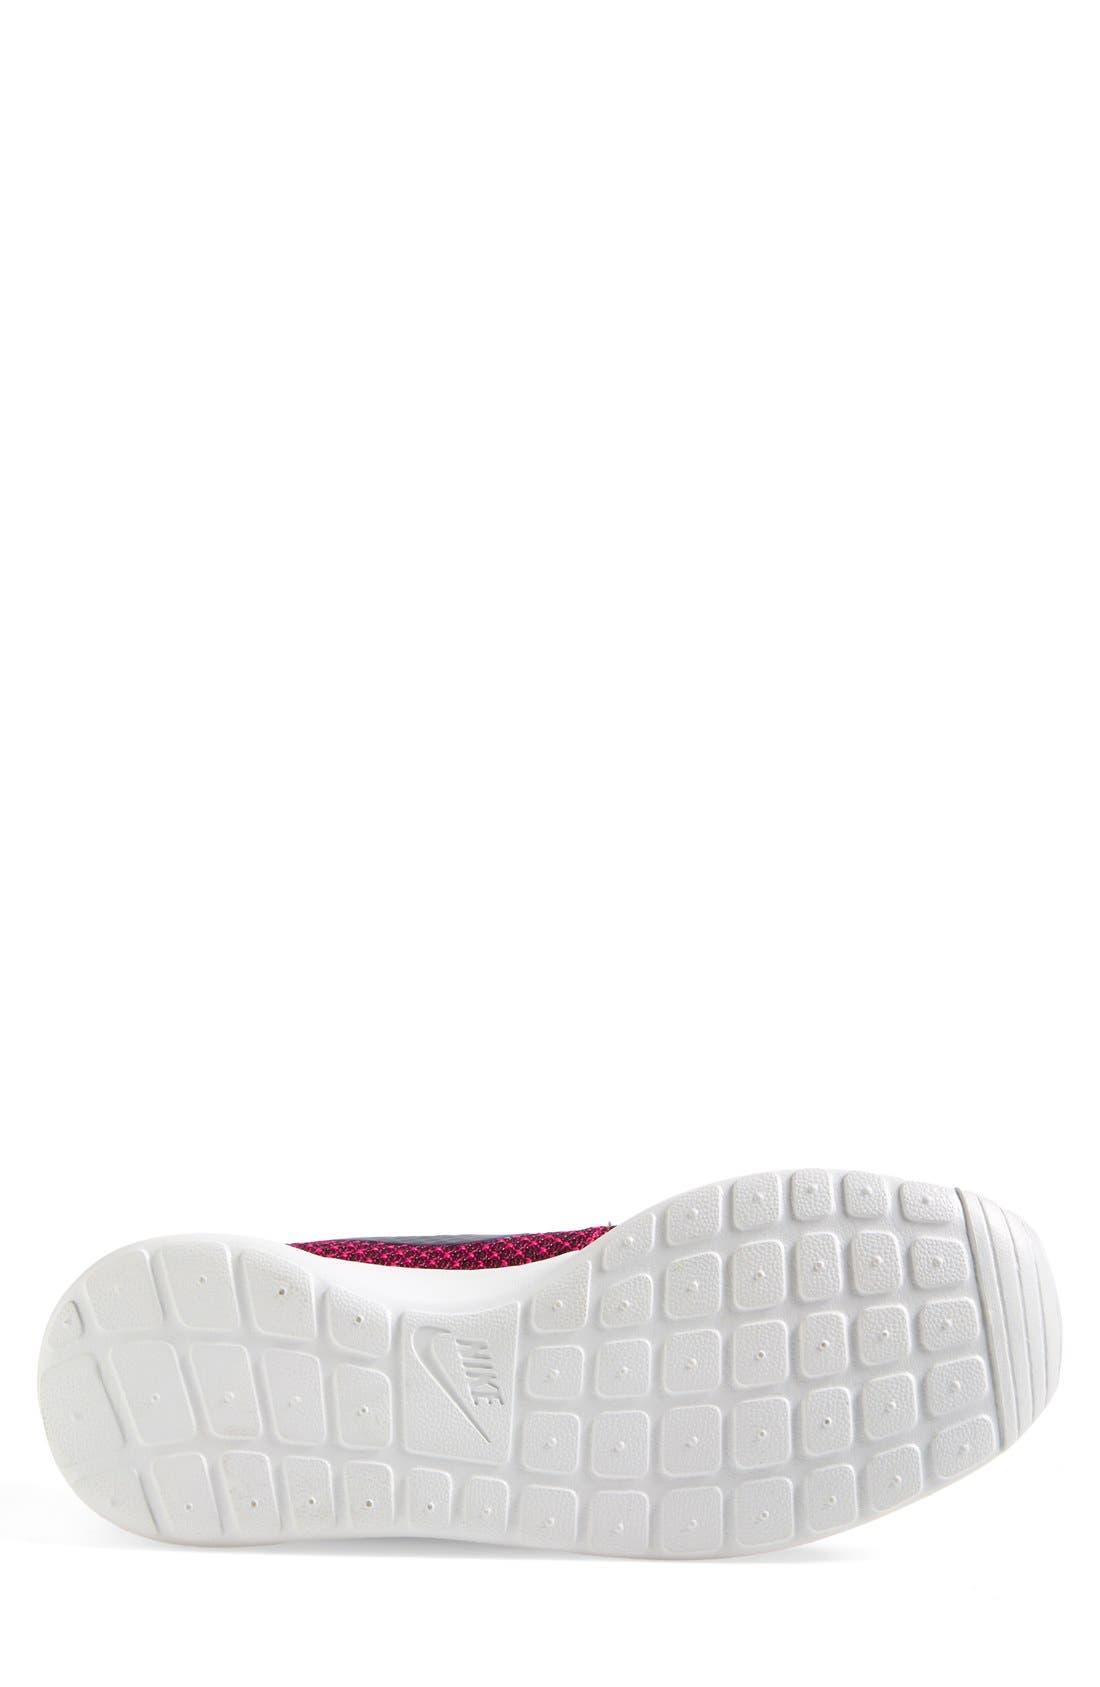 ,                             'Roshe Run' Sneaker,                             Alternate thumbnail 142, color,                             640